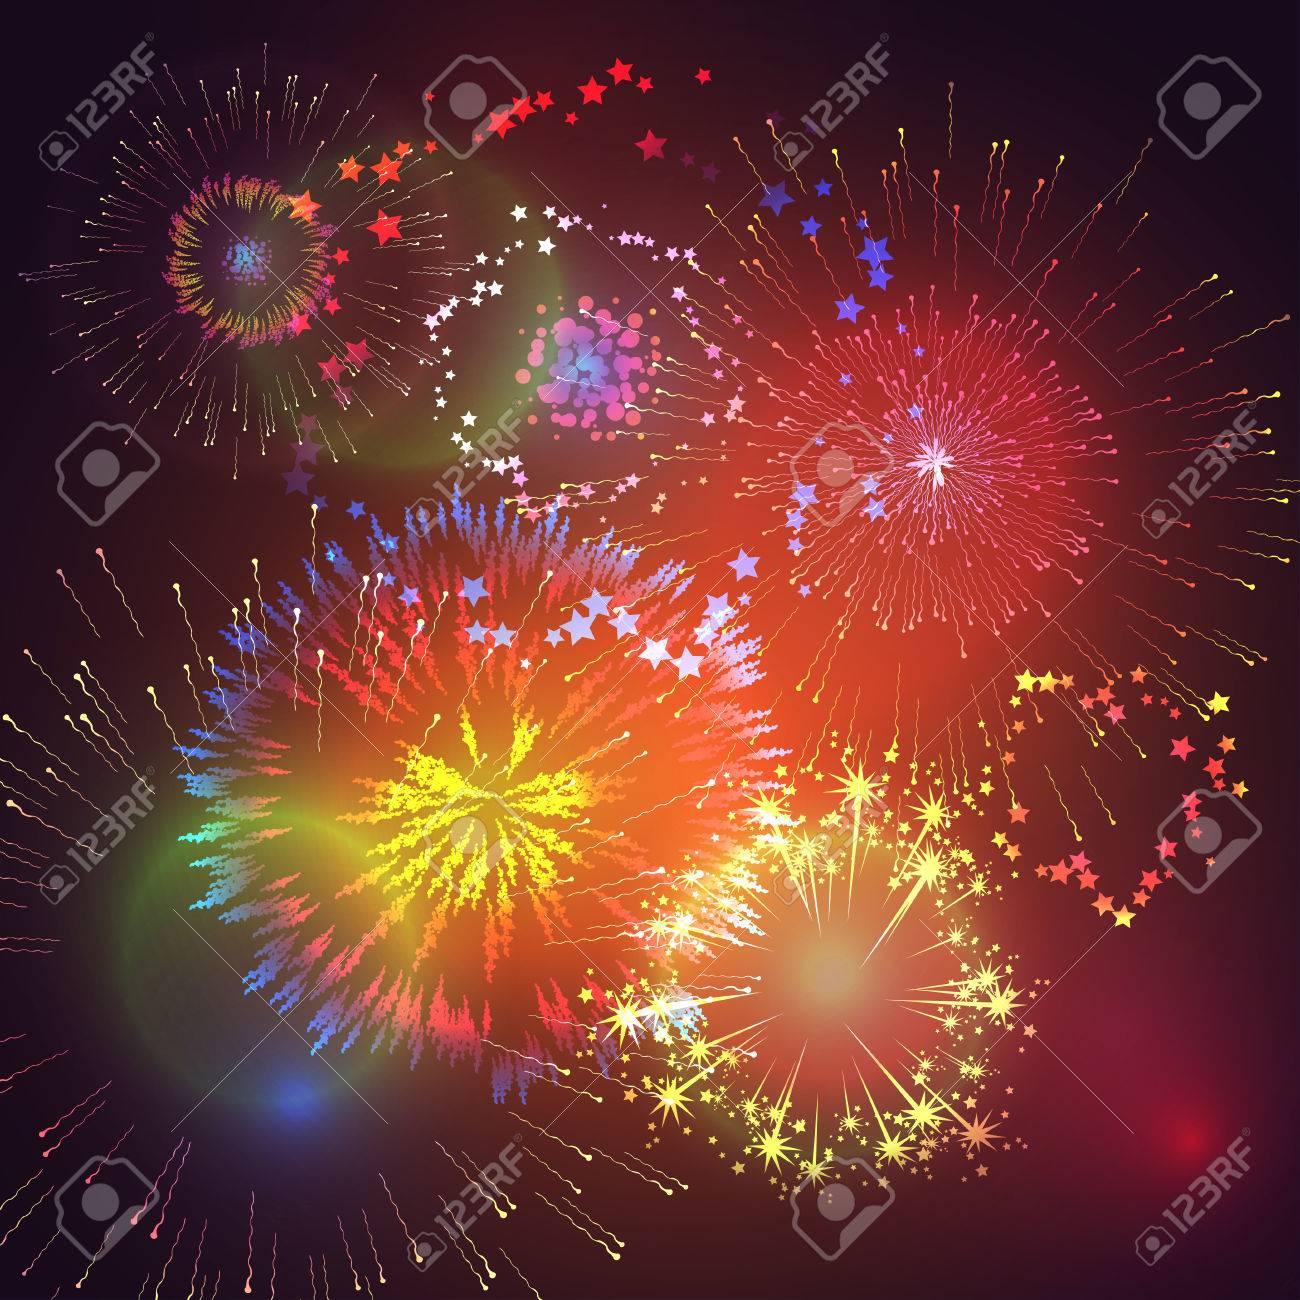 Ilustracion Del Vector Con Fuegos Artificiales De Colores Y Fuegos